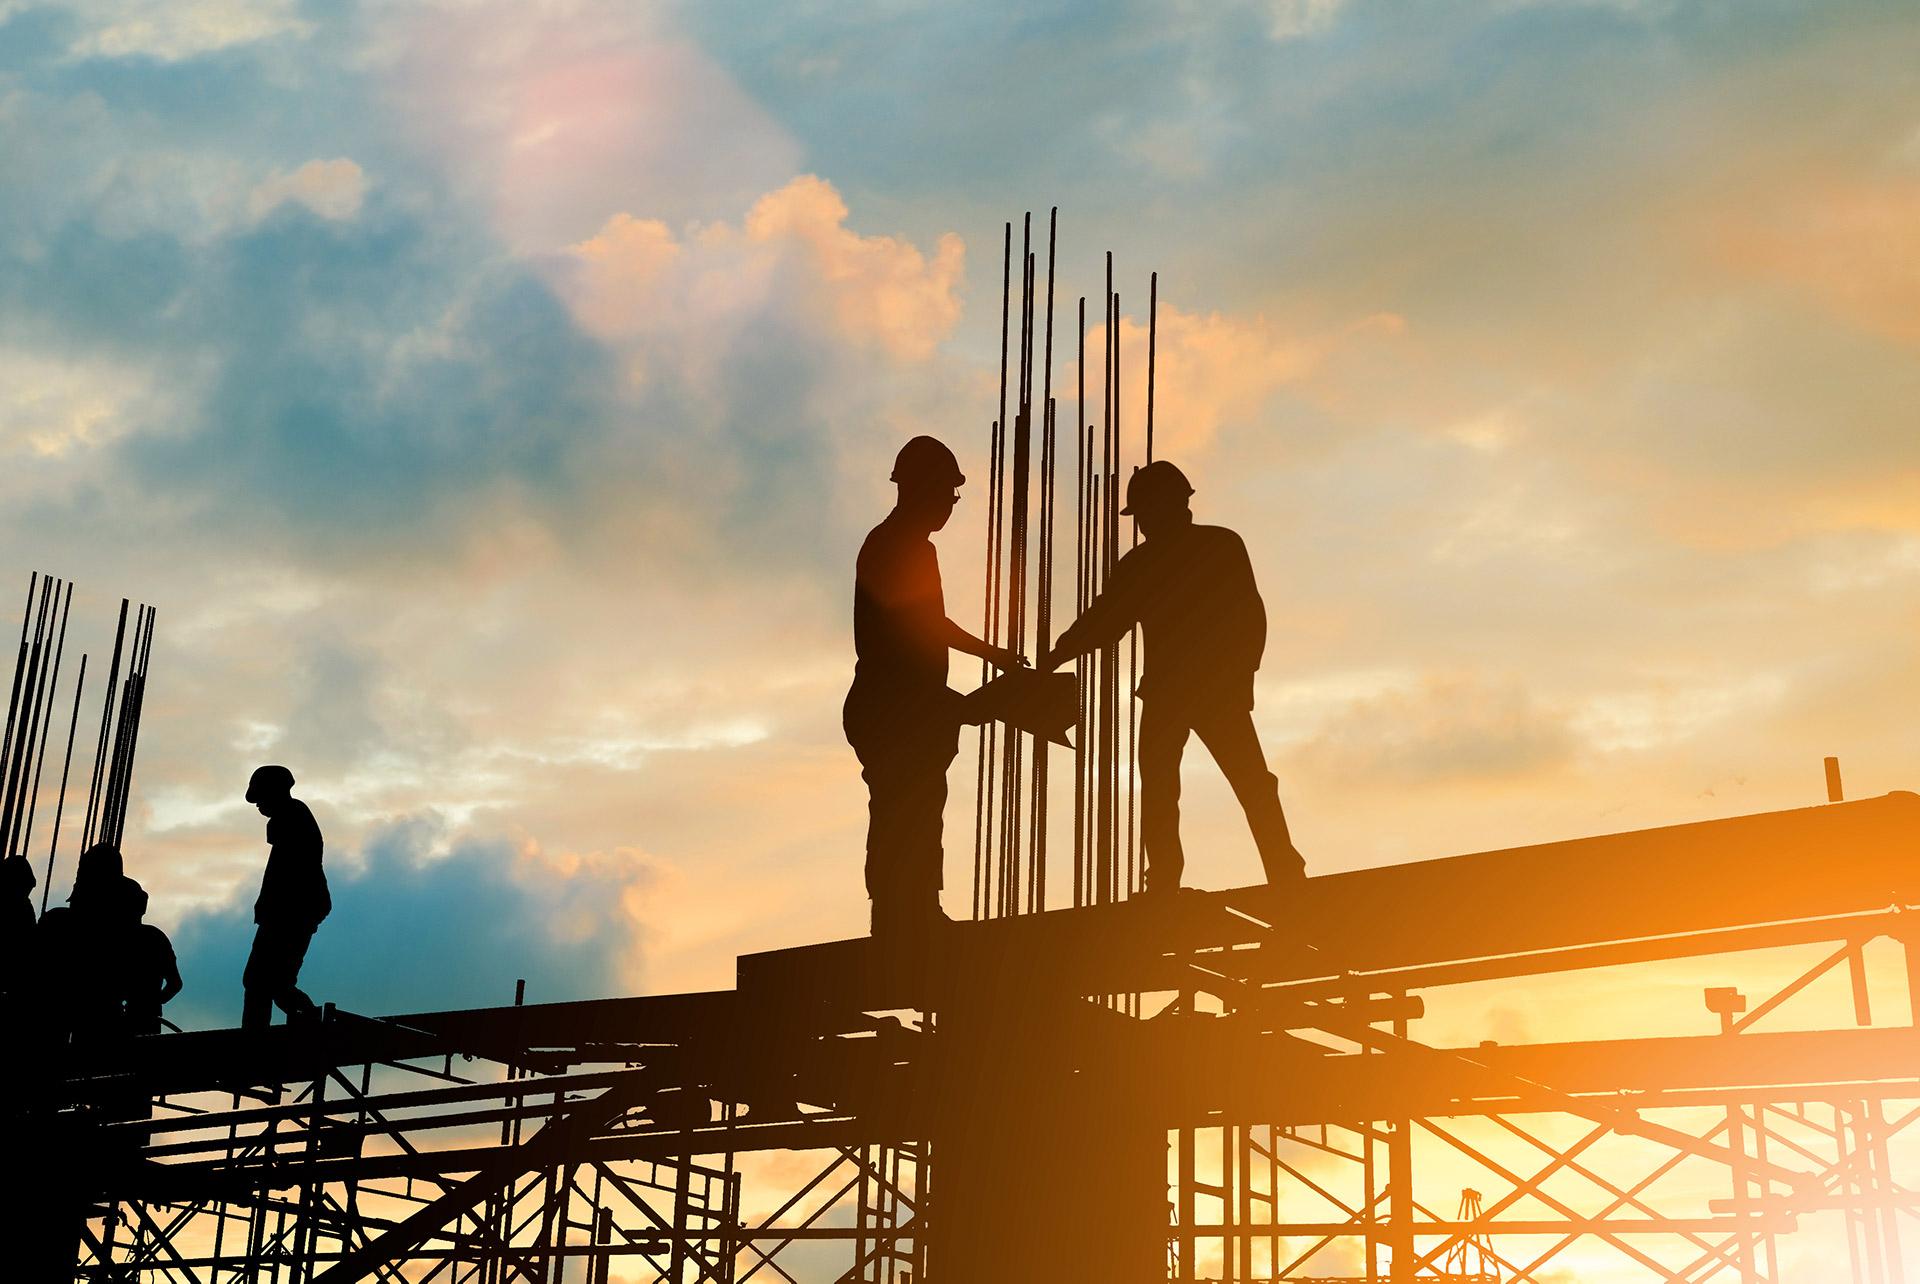 engineer-worker-silhouette.jpg